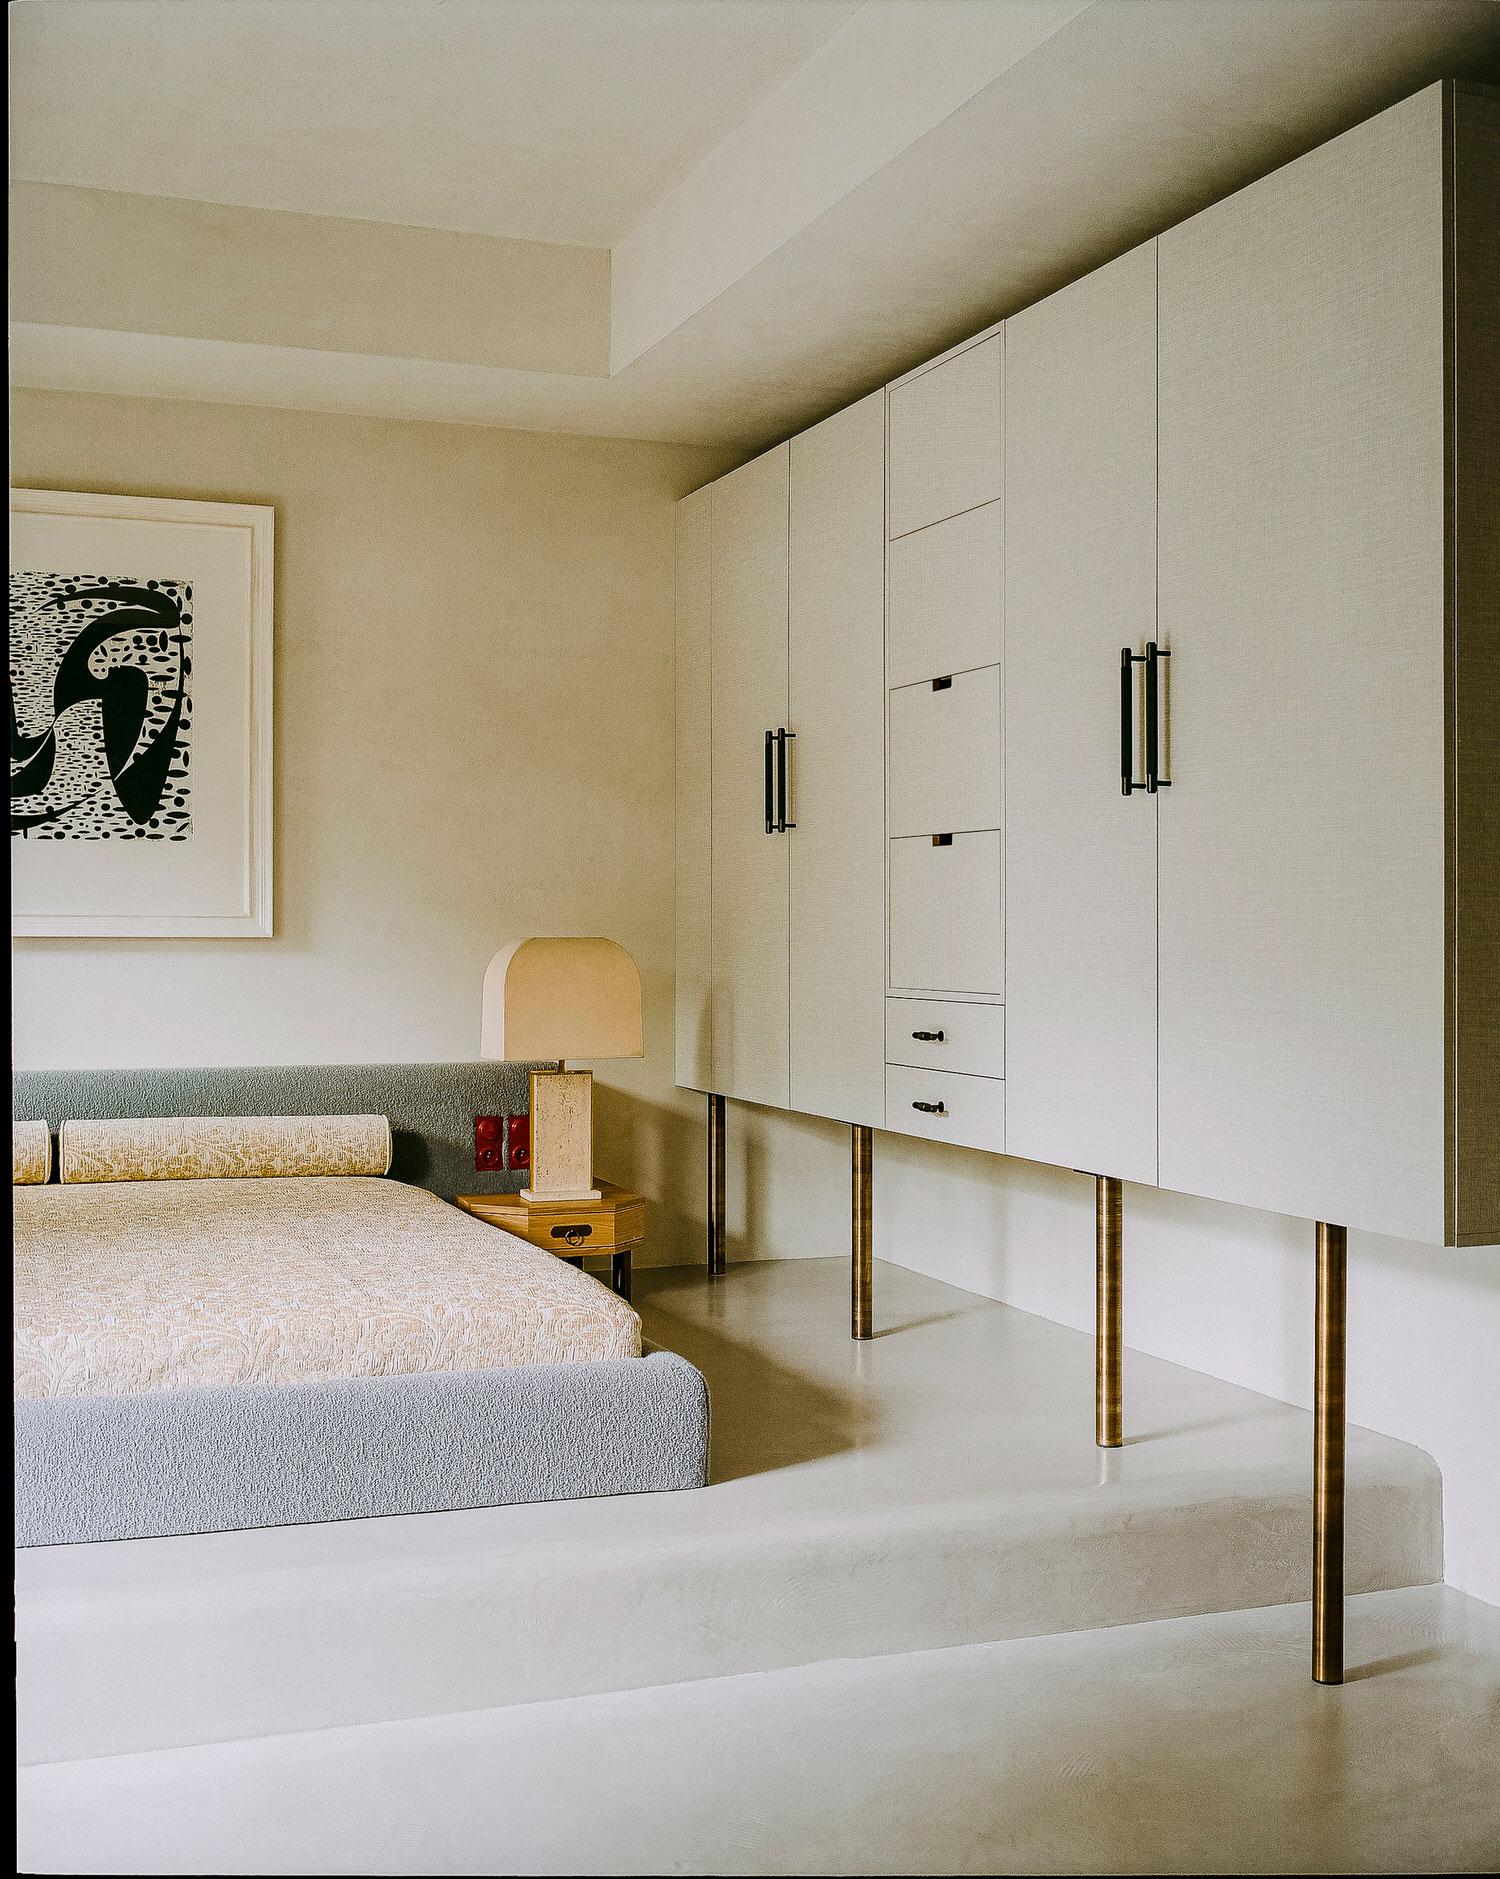 Paradowski Studio Fnl Apartment Warsaw Interiors Photo Pion Studio Yellowtrace 35